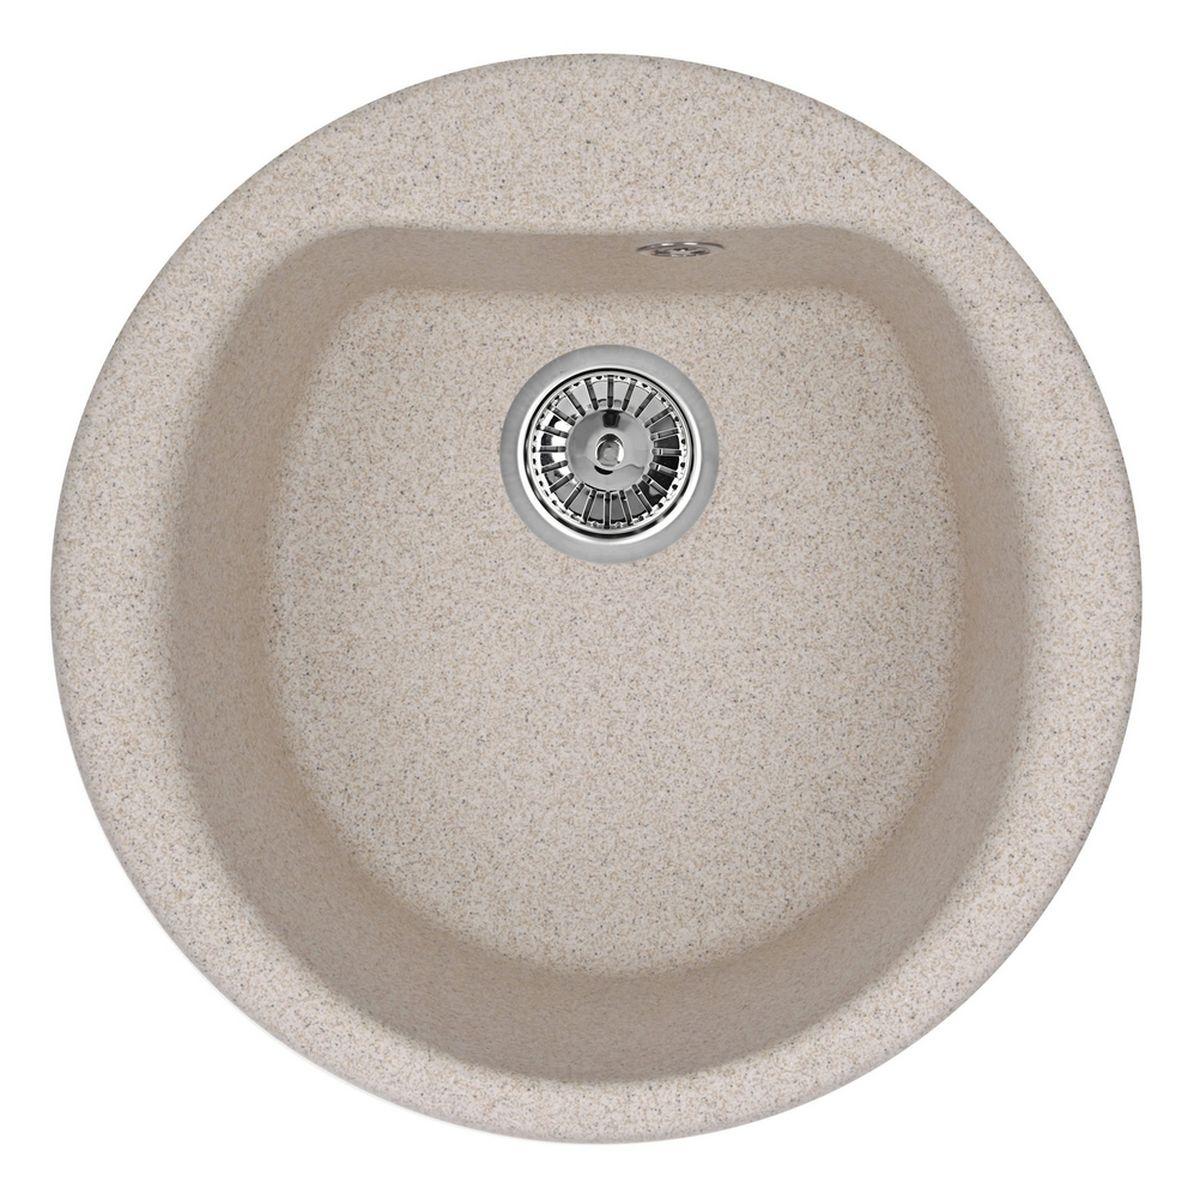 Мойка Weissgauff Rondo 500 Eco Granit, цвет: песочный, 50,0 х 20,5 х 50,0 см306315Гранитные мойки Weissgauff Eco Granit – классическая коллекция моек, изготовленных из специально подобранных композитных материалов , содержащих оптимальное сочетание 80% каменной массы высокого качества и 20% связующих материалов. Оригинальный и функциональный дизайн - технология изготовления позволяет создавать любые цвета и формы, оптимальные для современных кухонь. Мойки Weissgauff легко подобрать к интерьеру любой кухни, для разных цветов и форм столешниц Влагостойкость - отталкивание влаги – одна из примечательных особенностей моек из искусственного камня за счет связующих композитных материалов, которые продлевают их срок службы и способствуют сохранению первоначального вида Термостойкость - подвергая мойки воздействию высоких температур, например, различными горячими жидкостями, будьте уверенны, что мойки Weissgauff – эталон стойкости и качества, так как они устойчивы к перепаду температур. Специальный состав моек Weisgauff избавляет от проблемы...